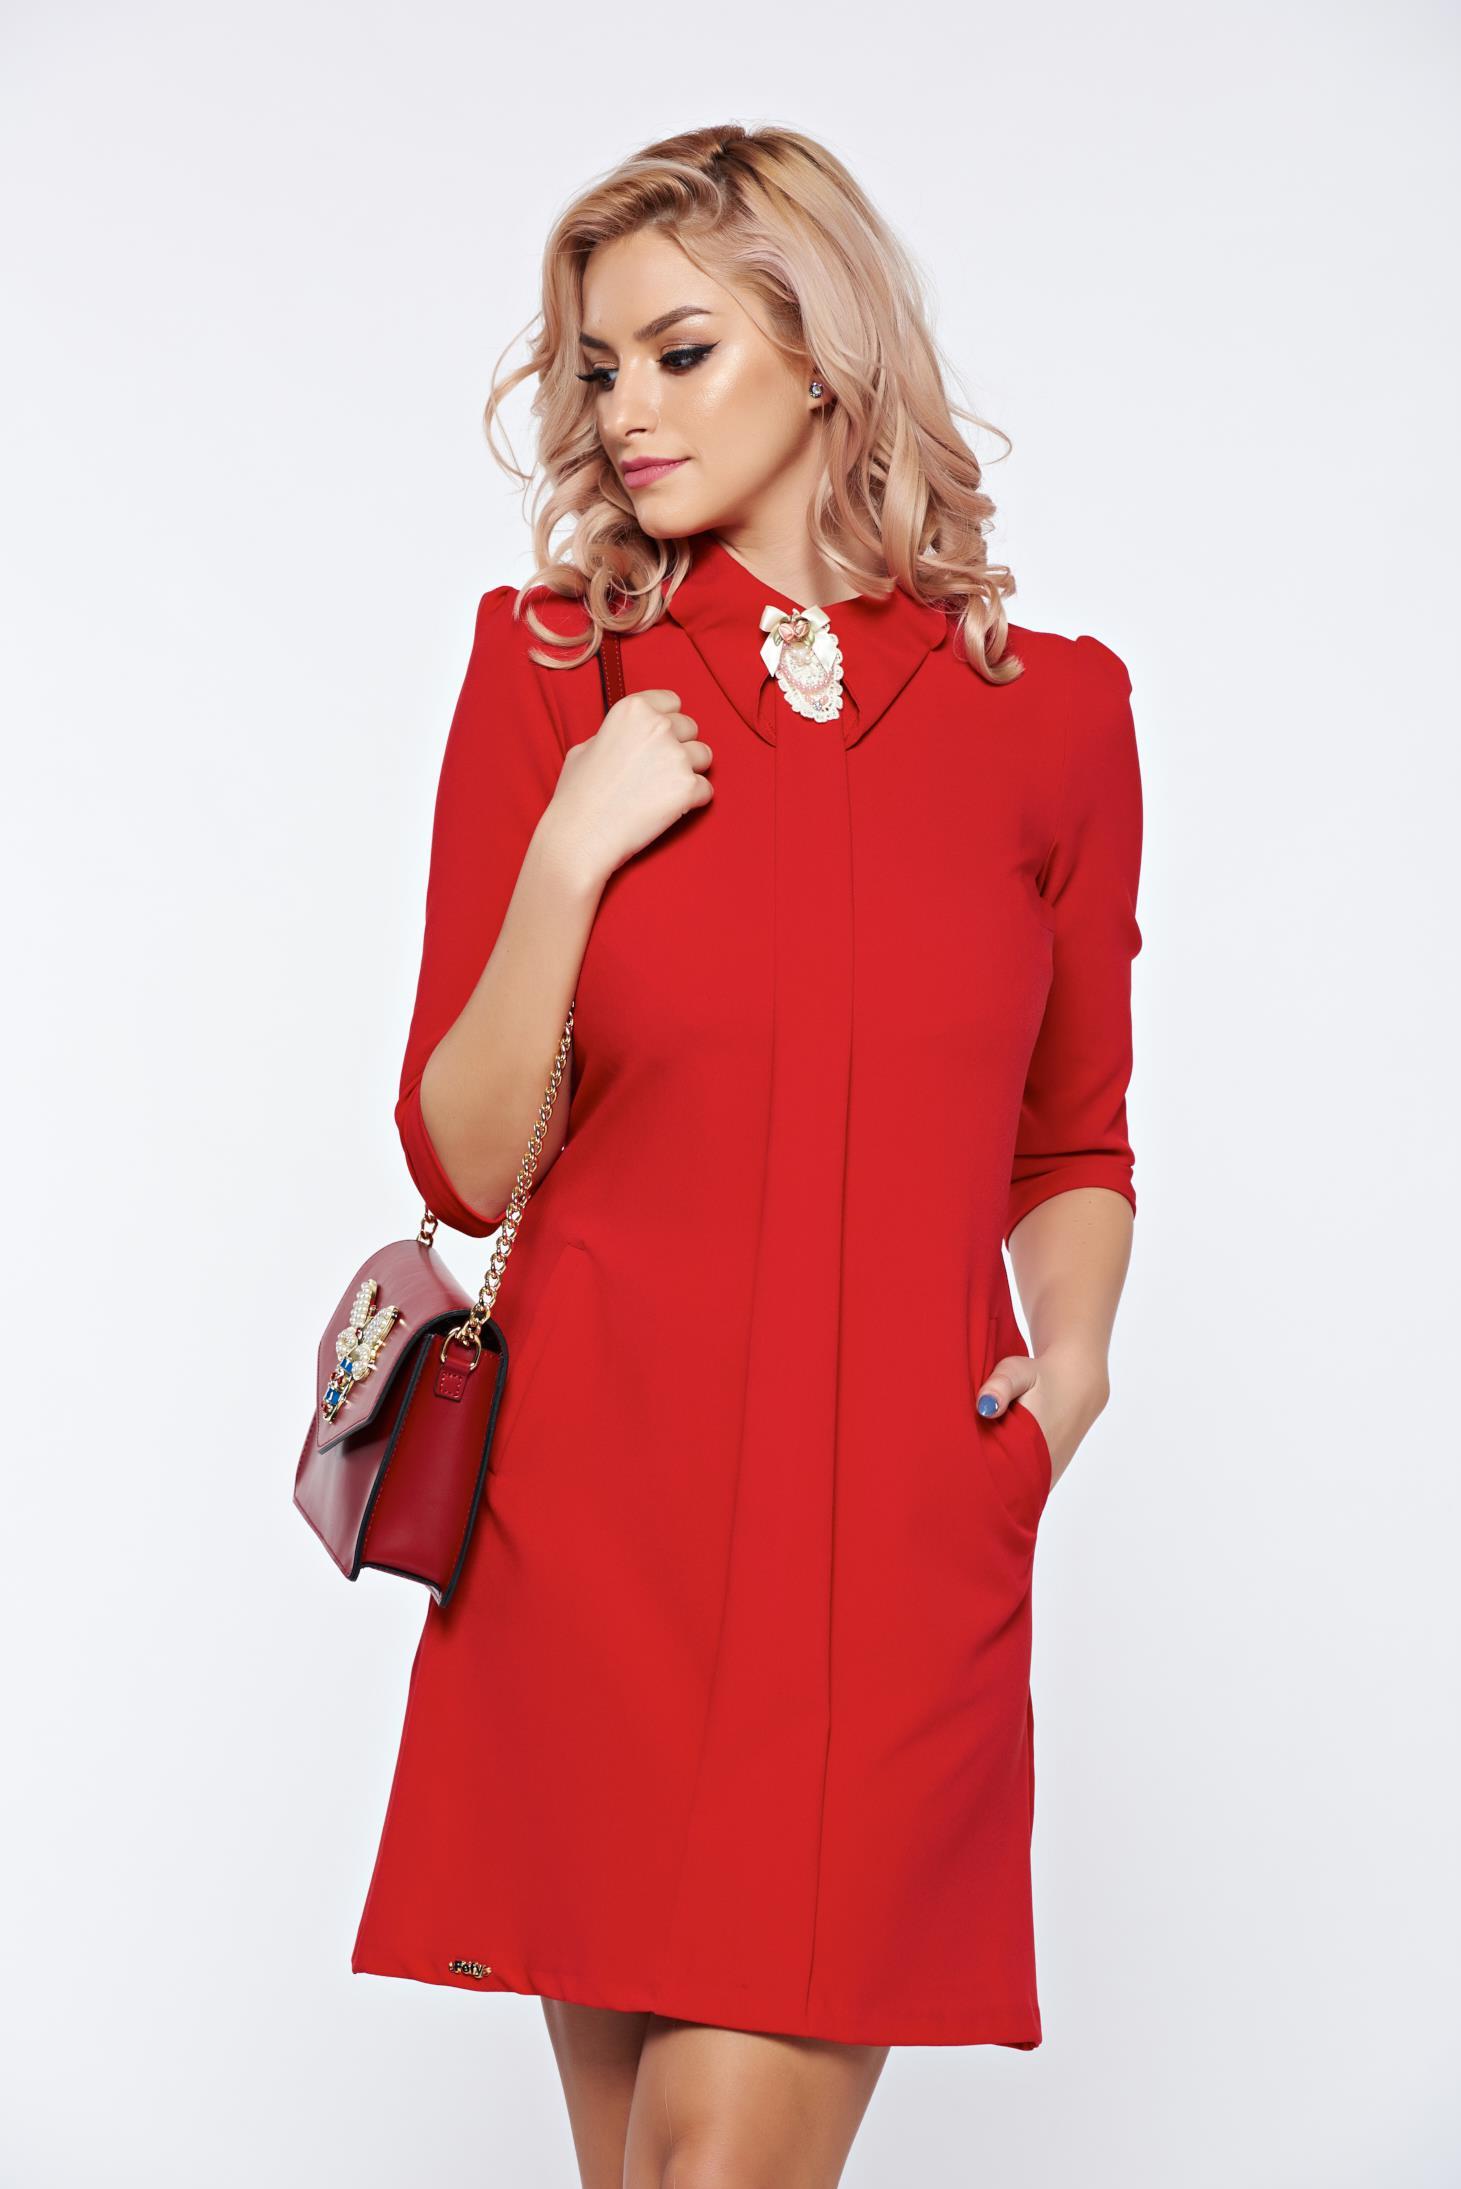 Rochie Fofy rosie cu croi in a cu buzunare in fata accesorizata cu brosa